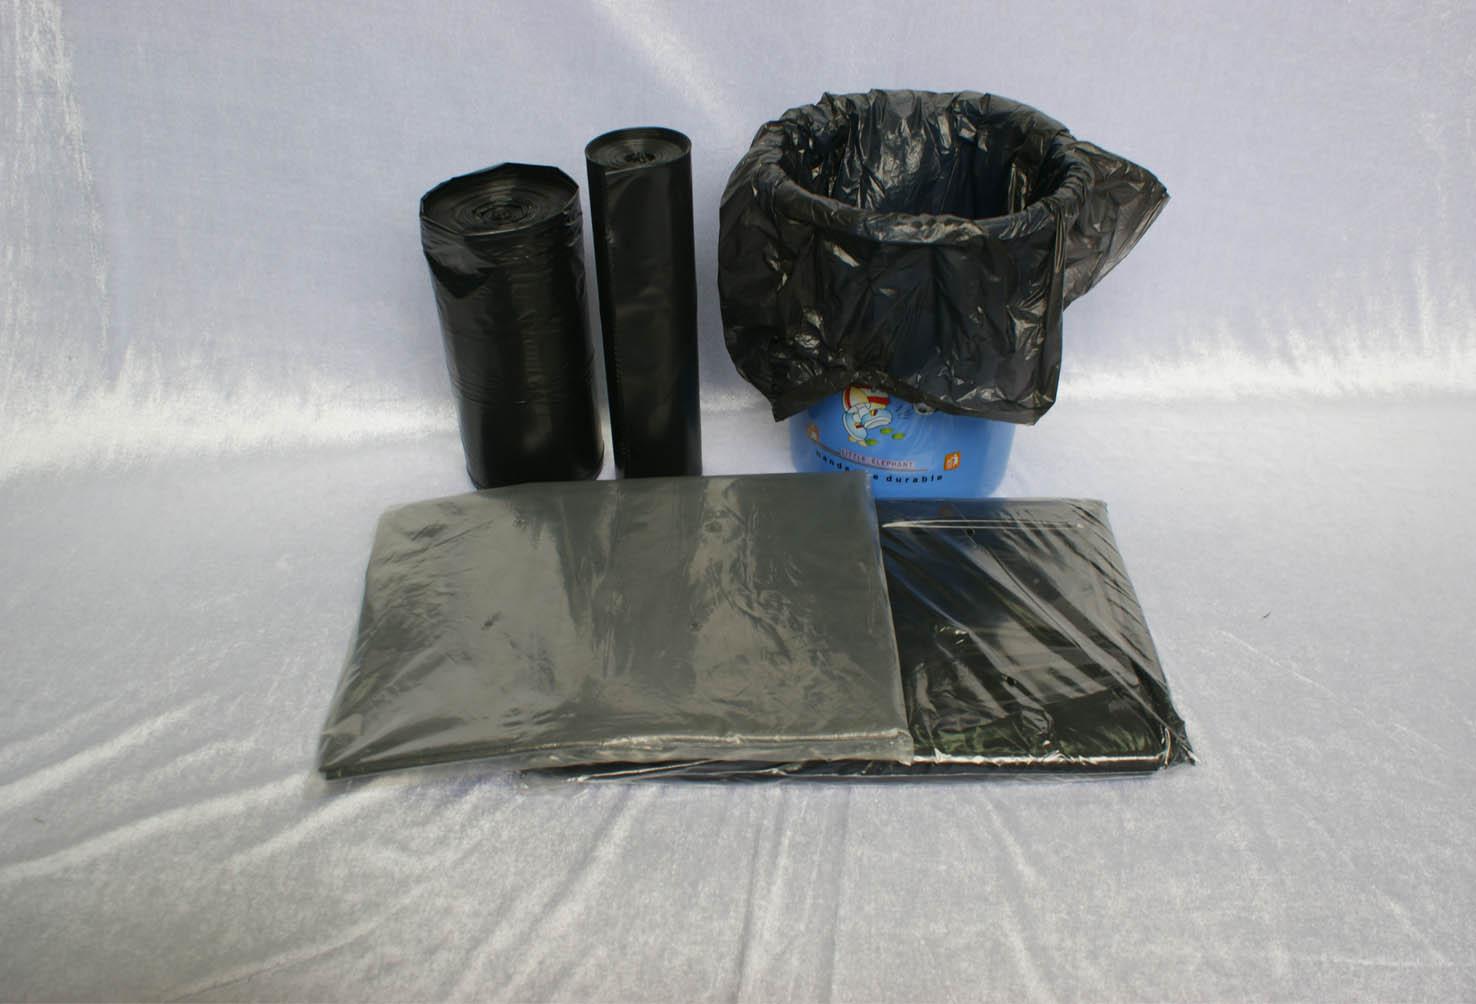 объем мусорных мешков